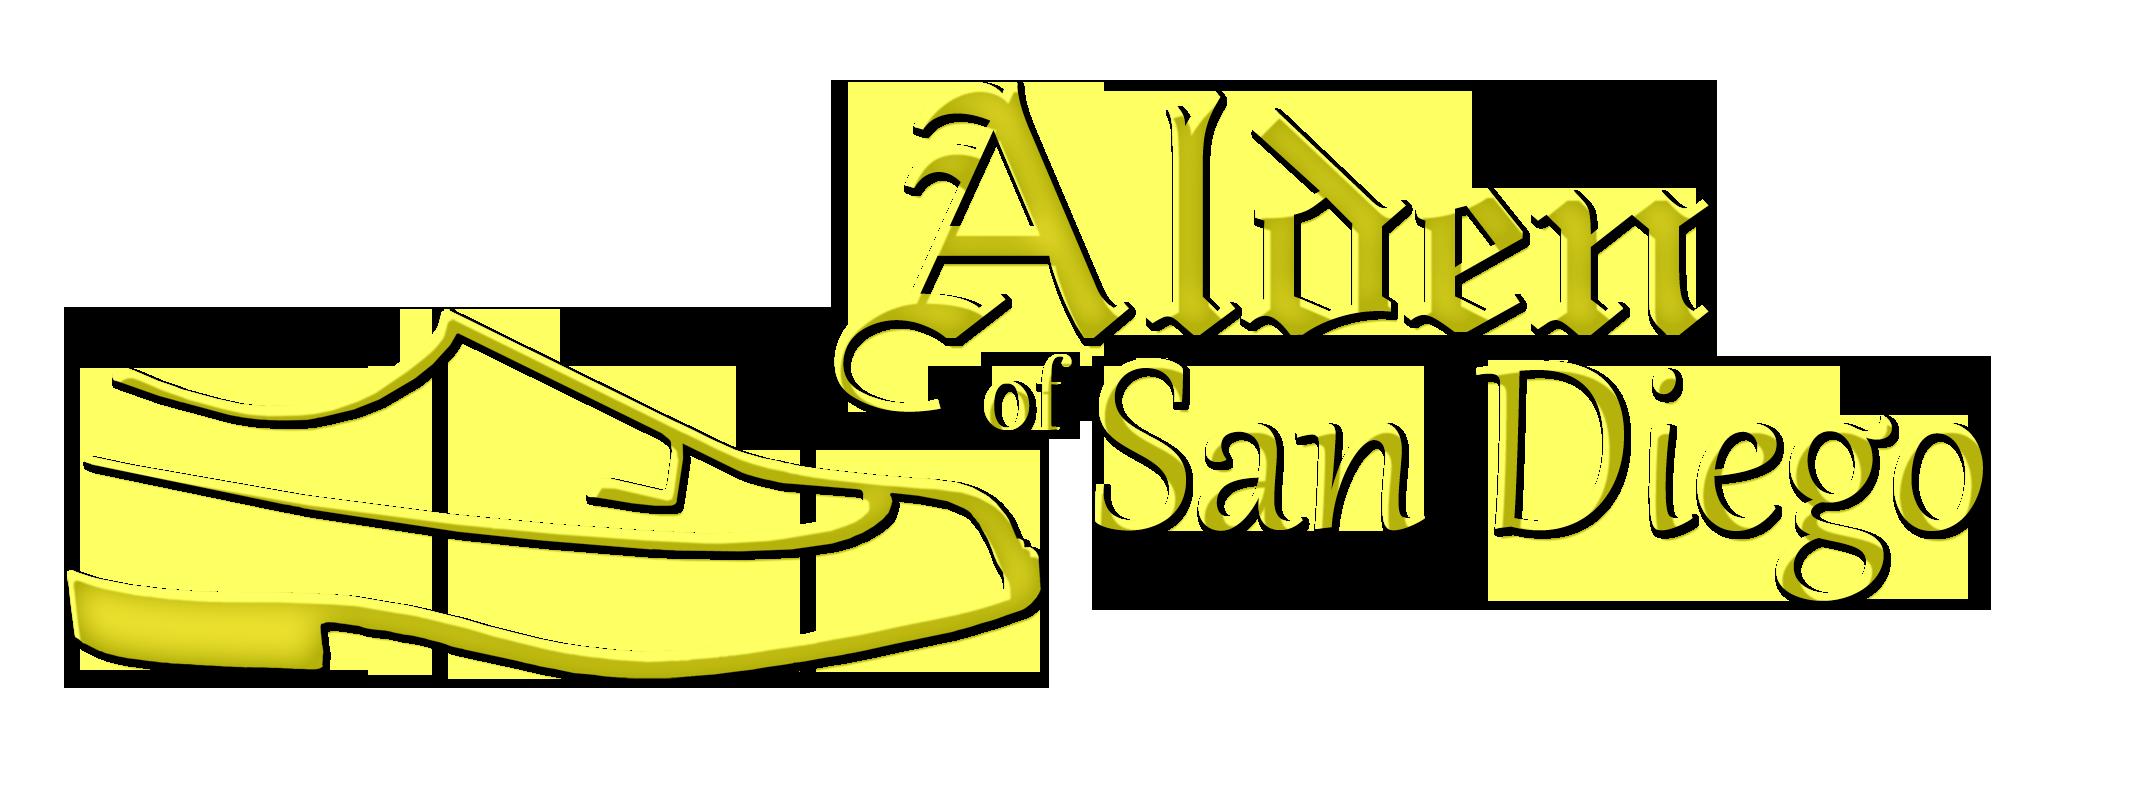 Alden of San Diego